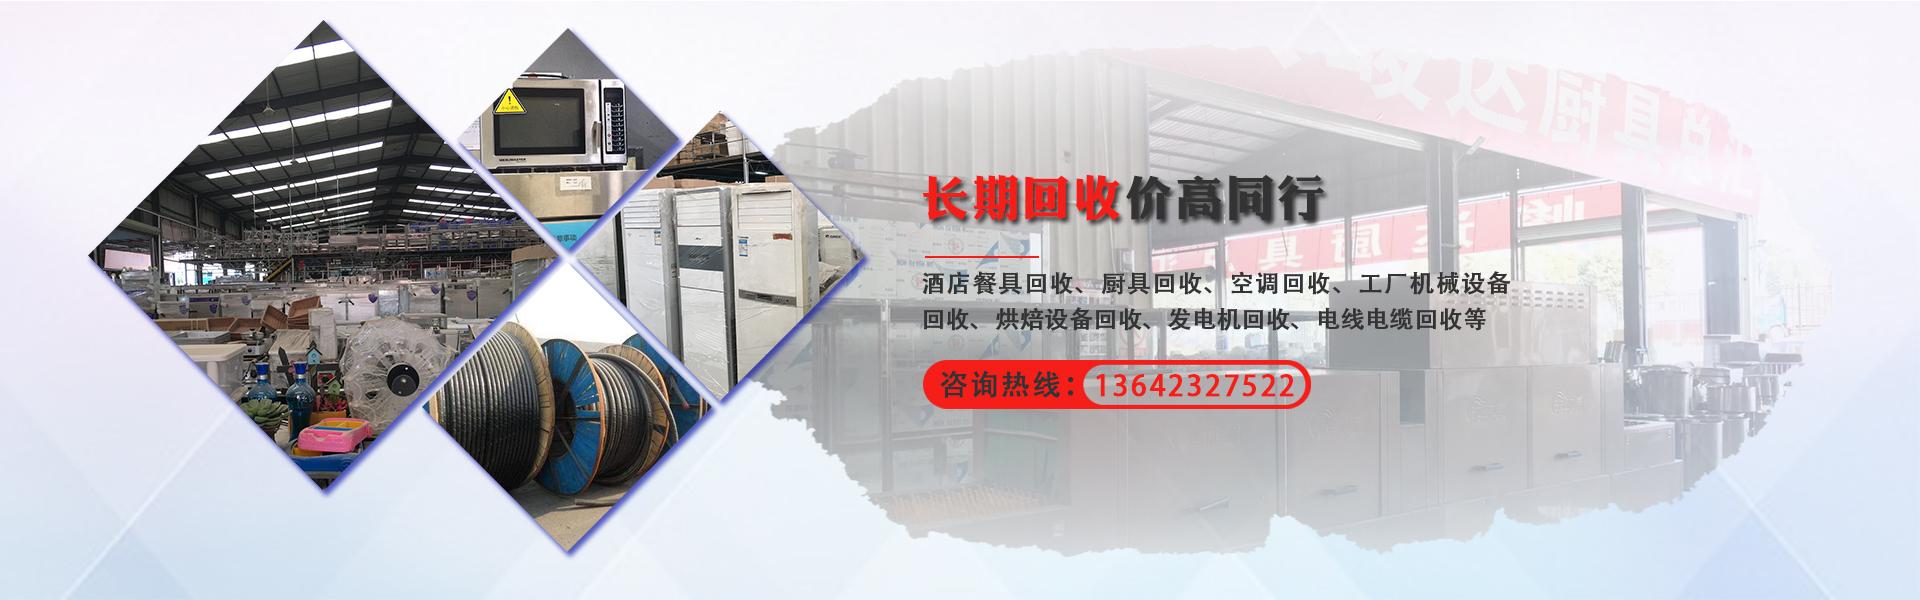 二手空调回收|二手厨具回收|厨具设备回收|空调设备回收